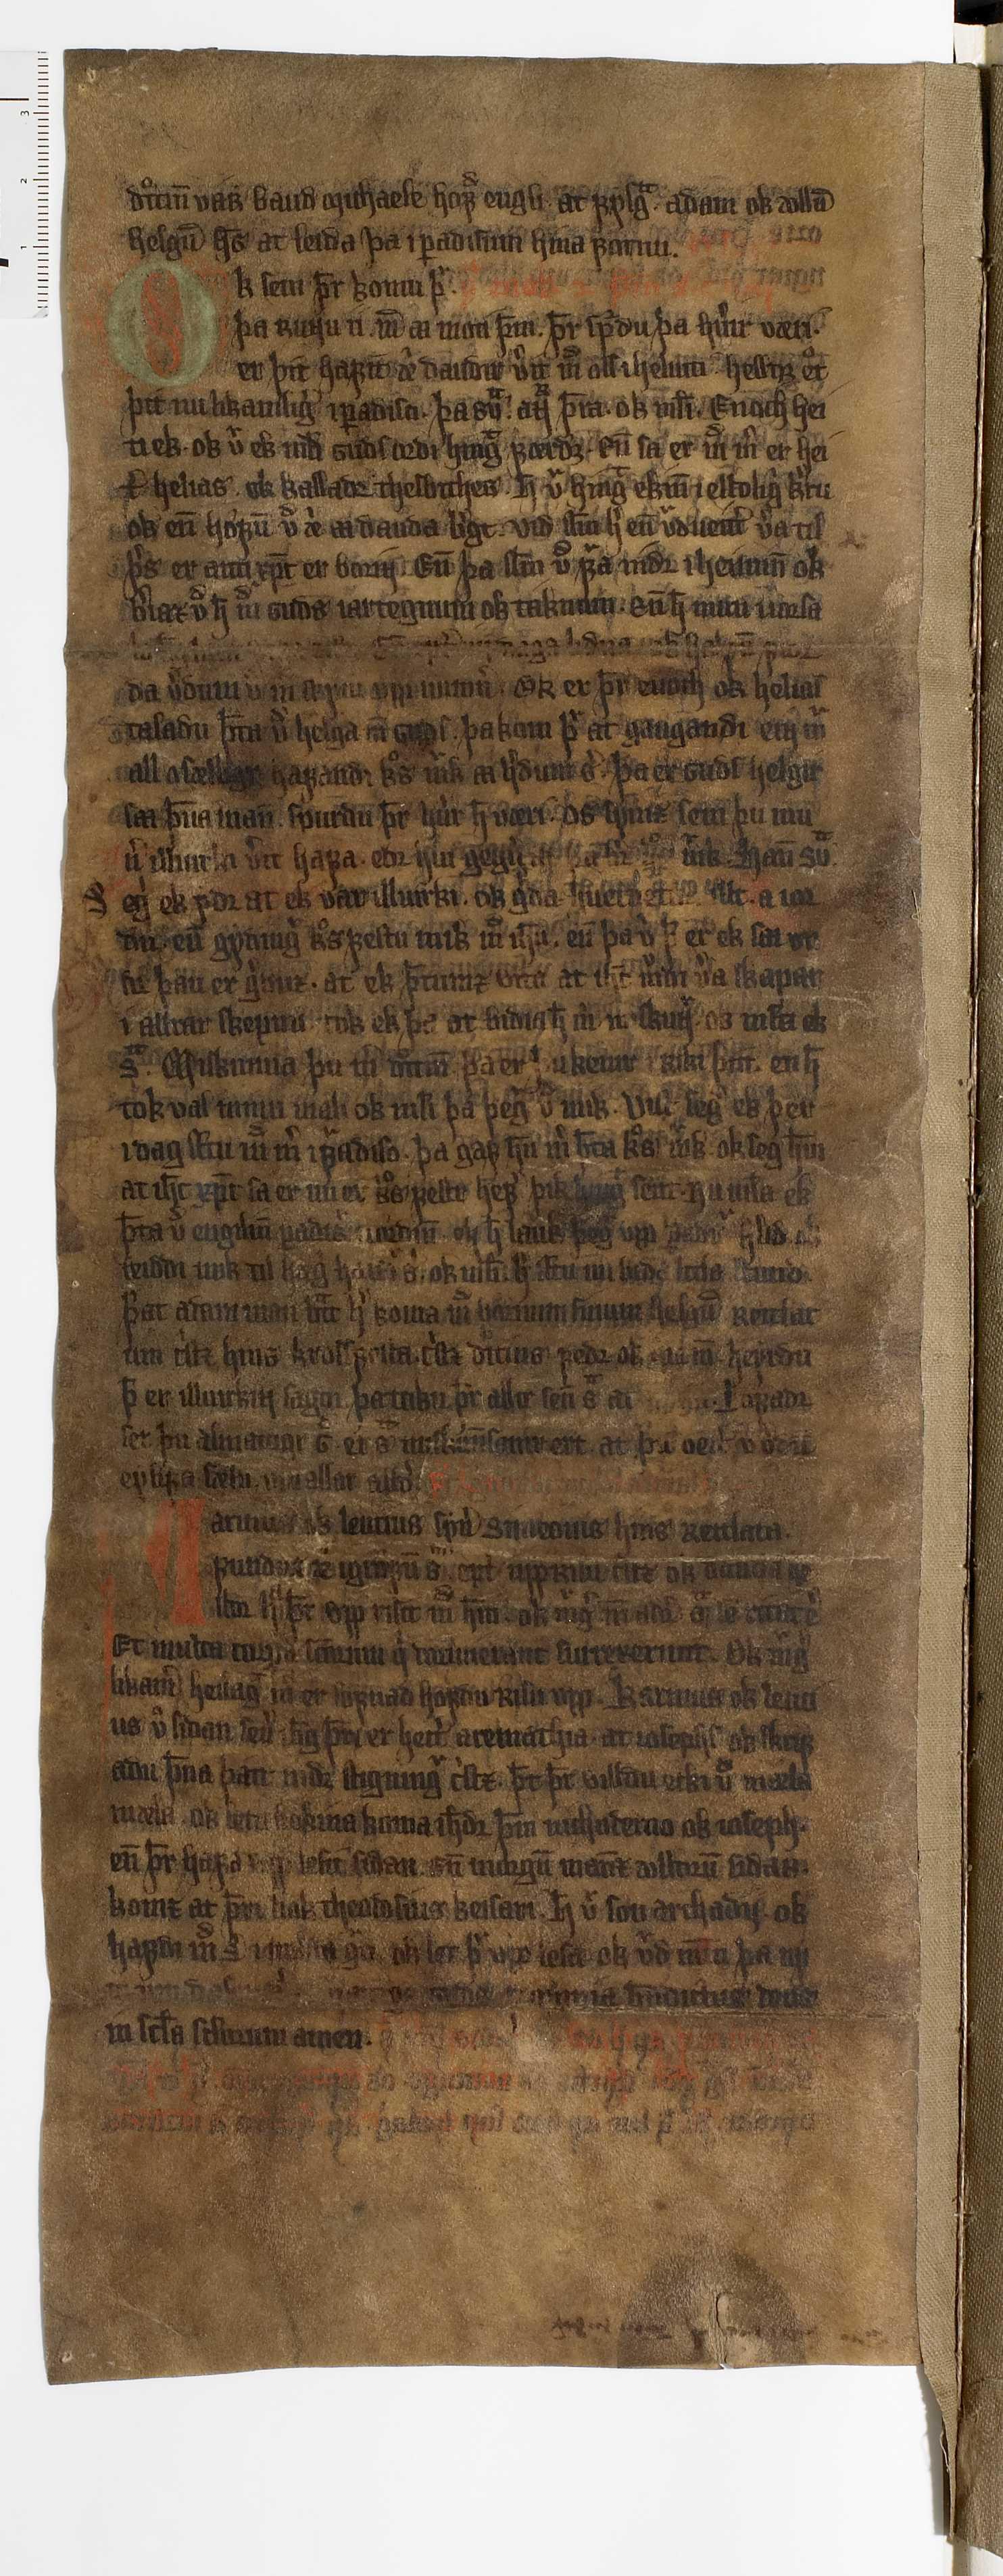 AM 233 a fol - 28v